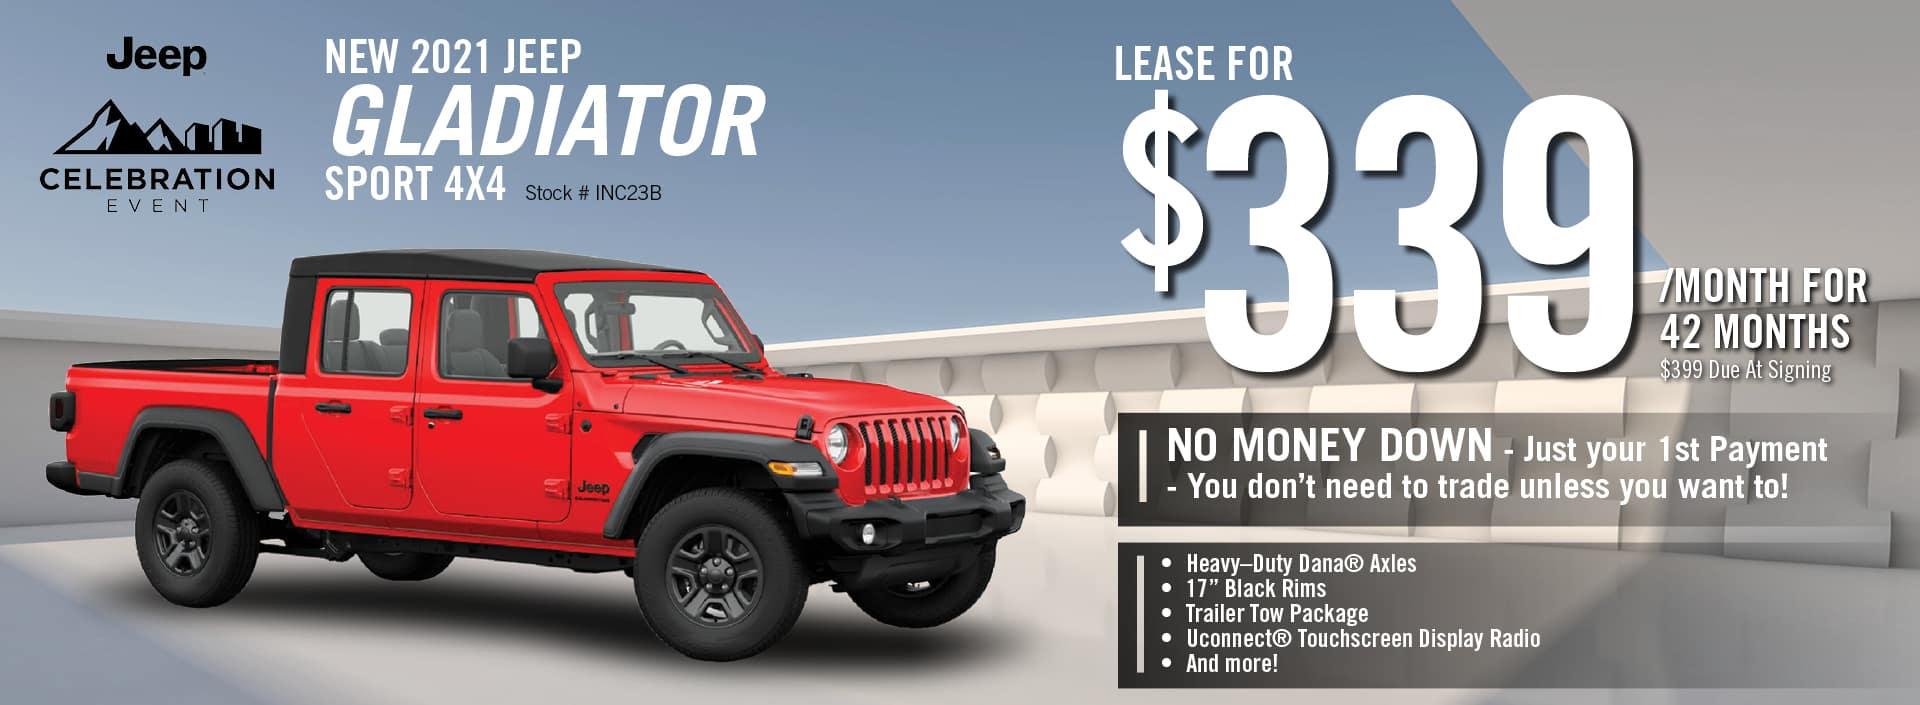 2021 Jeep Gladiator Lease Offer| Barre, VT